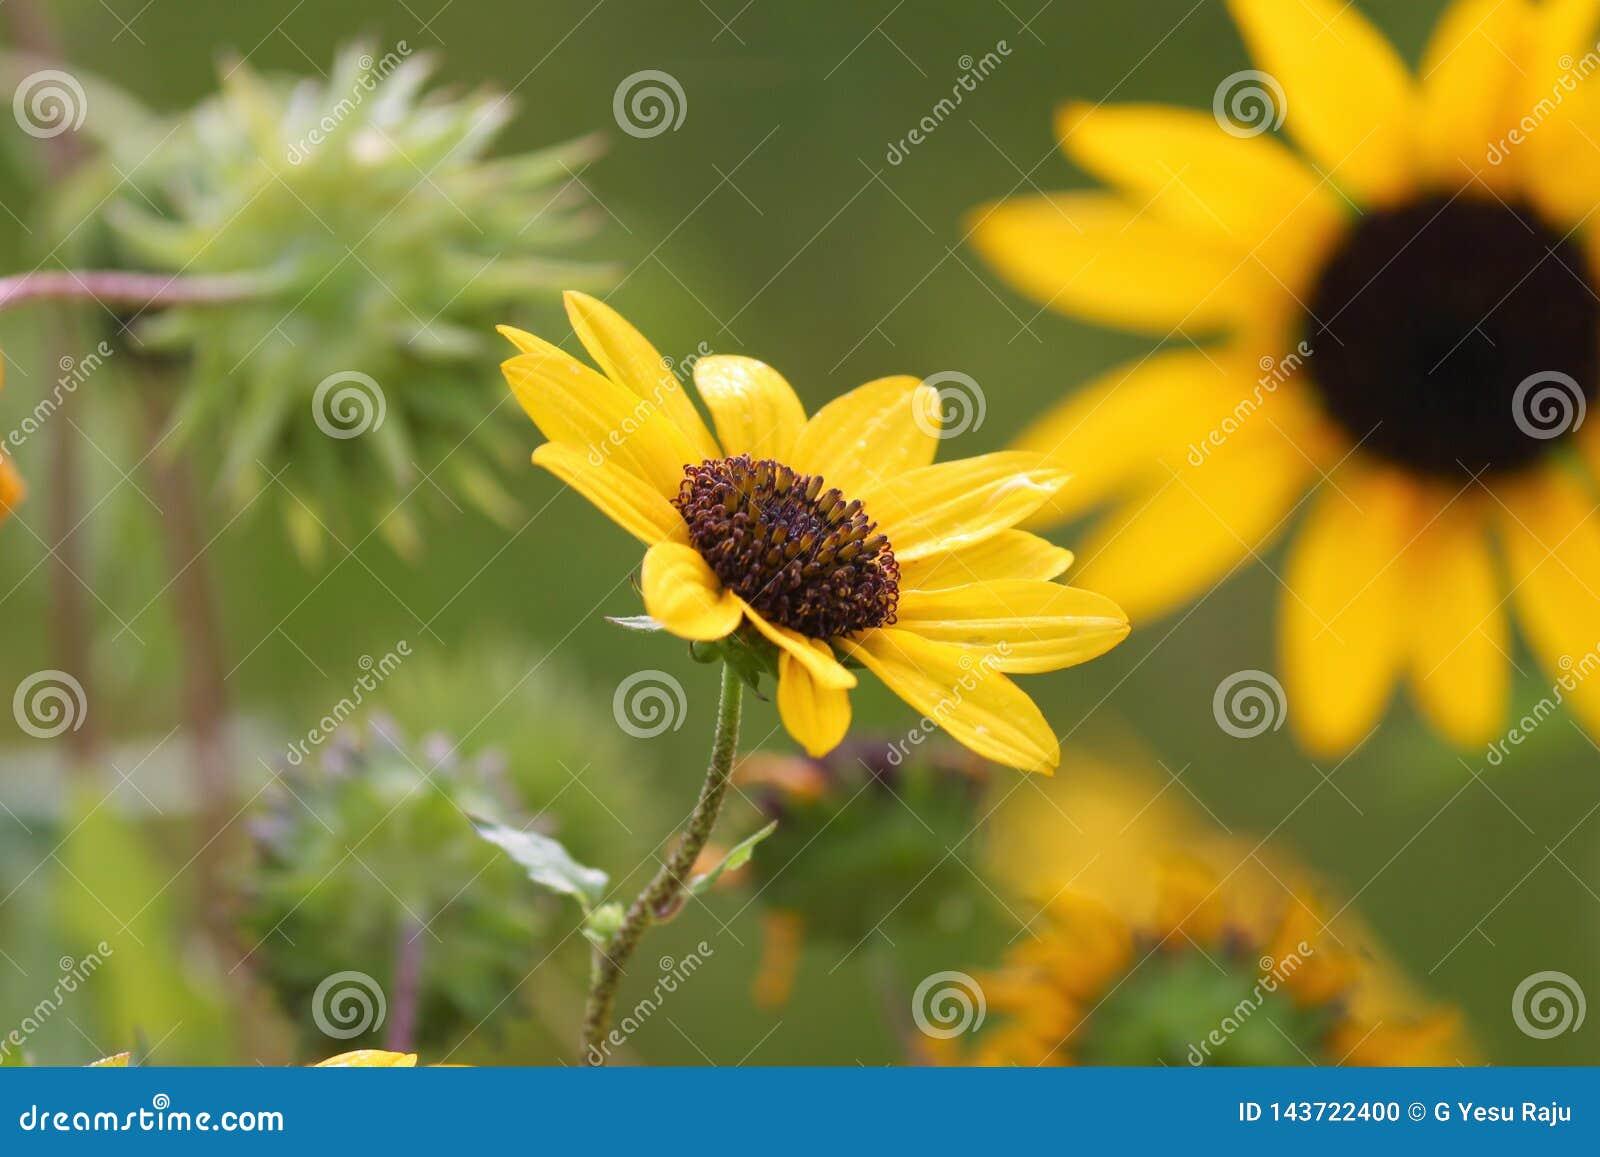 Flower' giallo; famiglia di s nel yhe nature' mondo di s